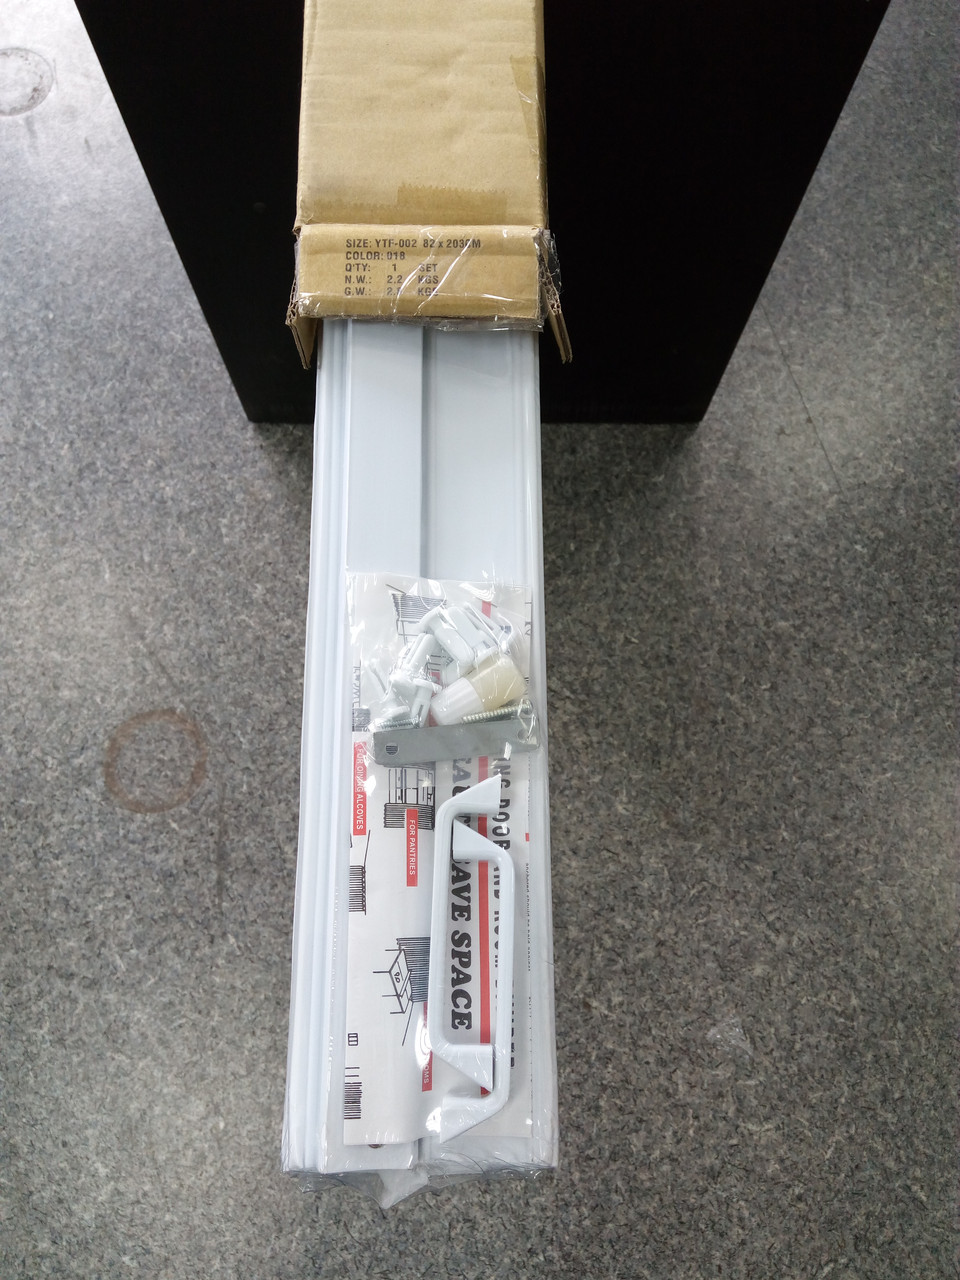 Ширма - гармошка белая 820х2030х0,6 мм гармошка раздвижная межкомнатная пластиковая глухая - фото 3